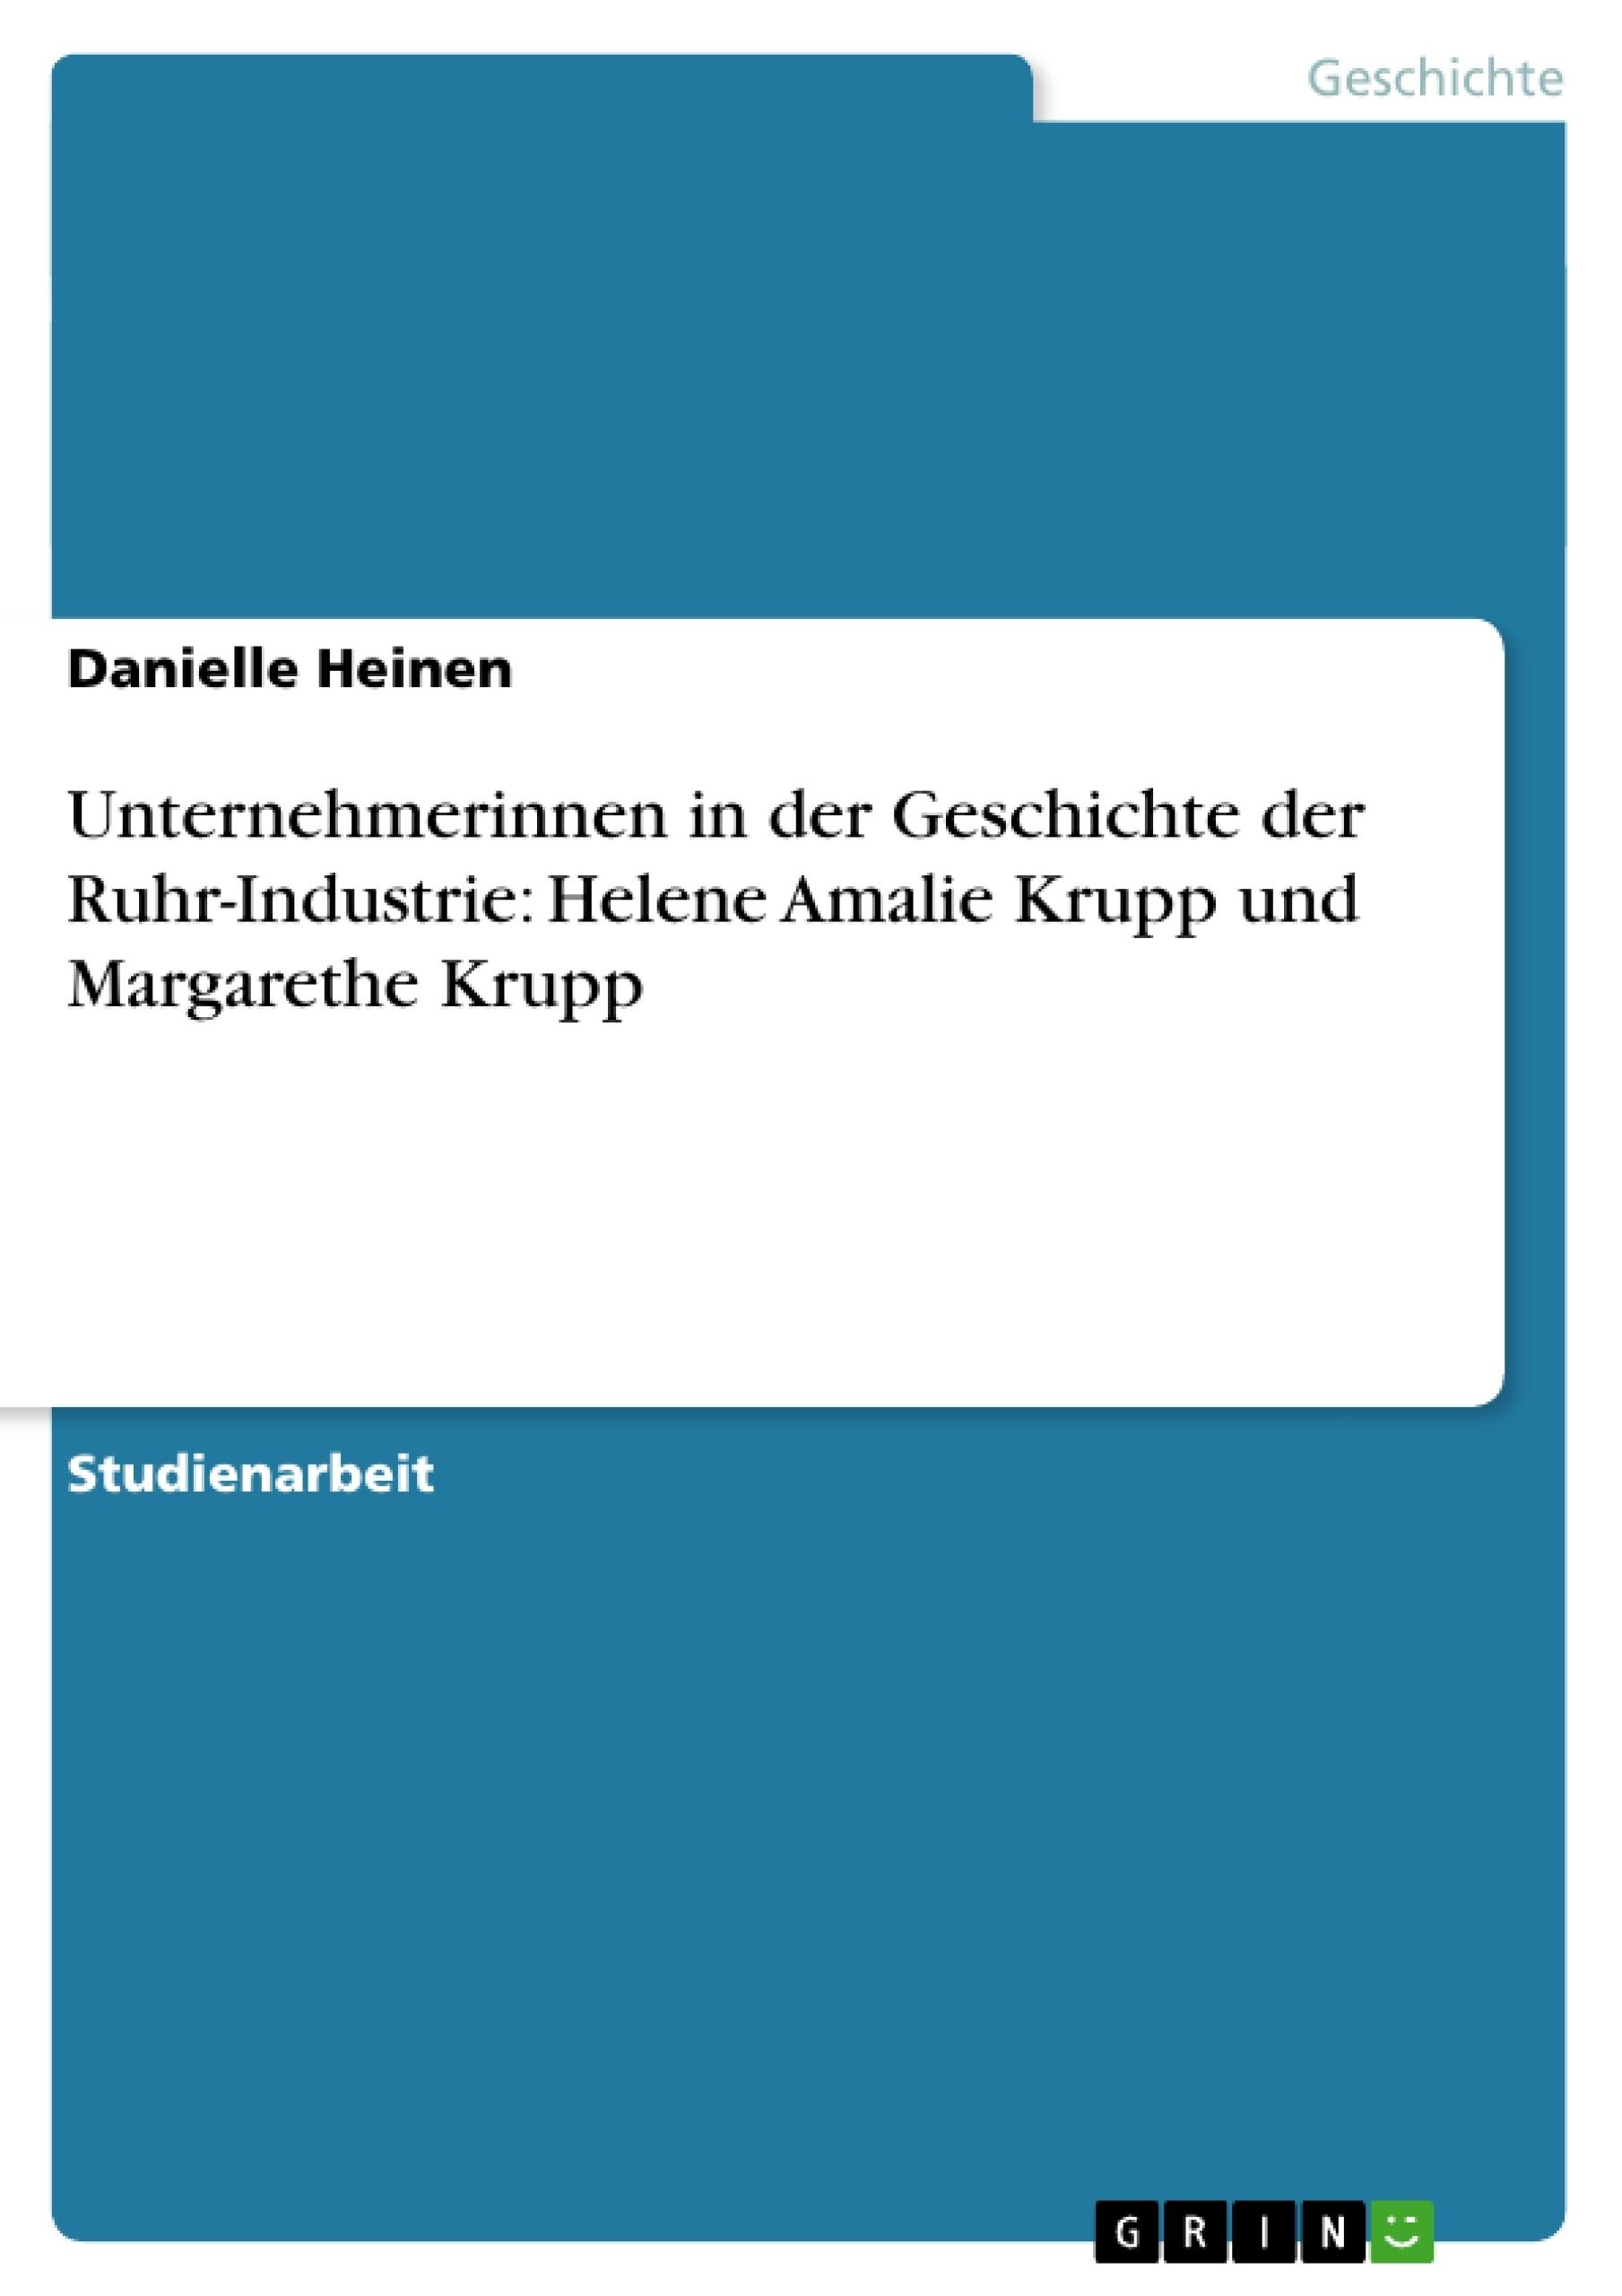 Titel: Unternehmerinnen in der Geschichte der Ruhr-Industrie: Helene Amalie Krupp und Margarethe Krupp